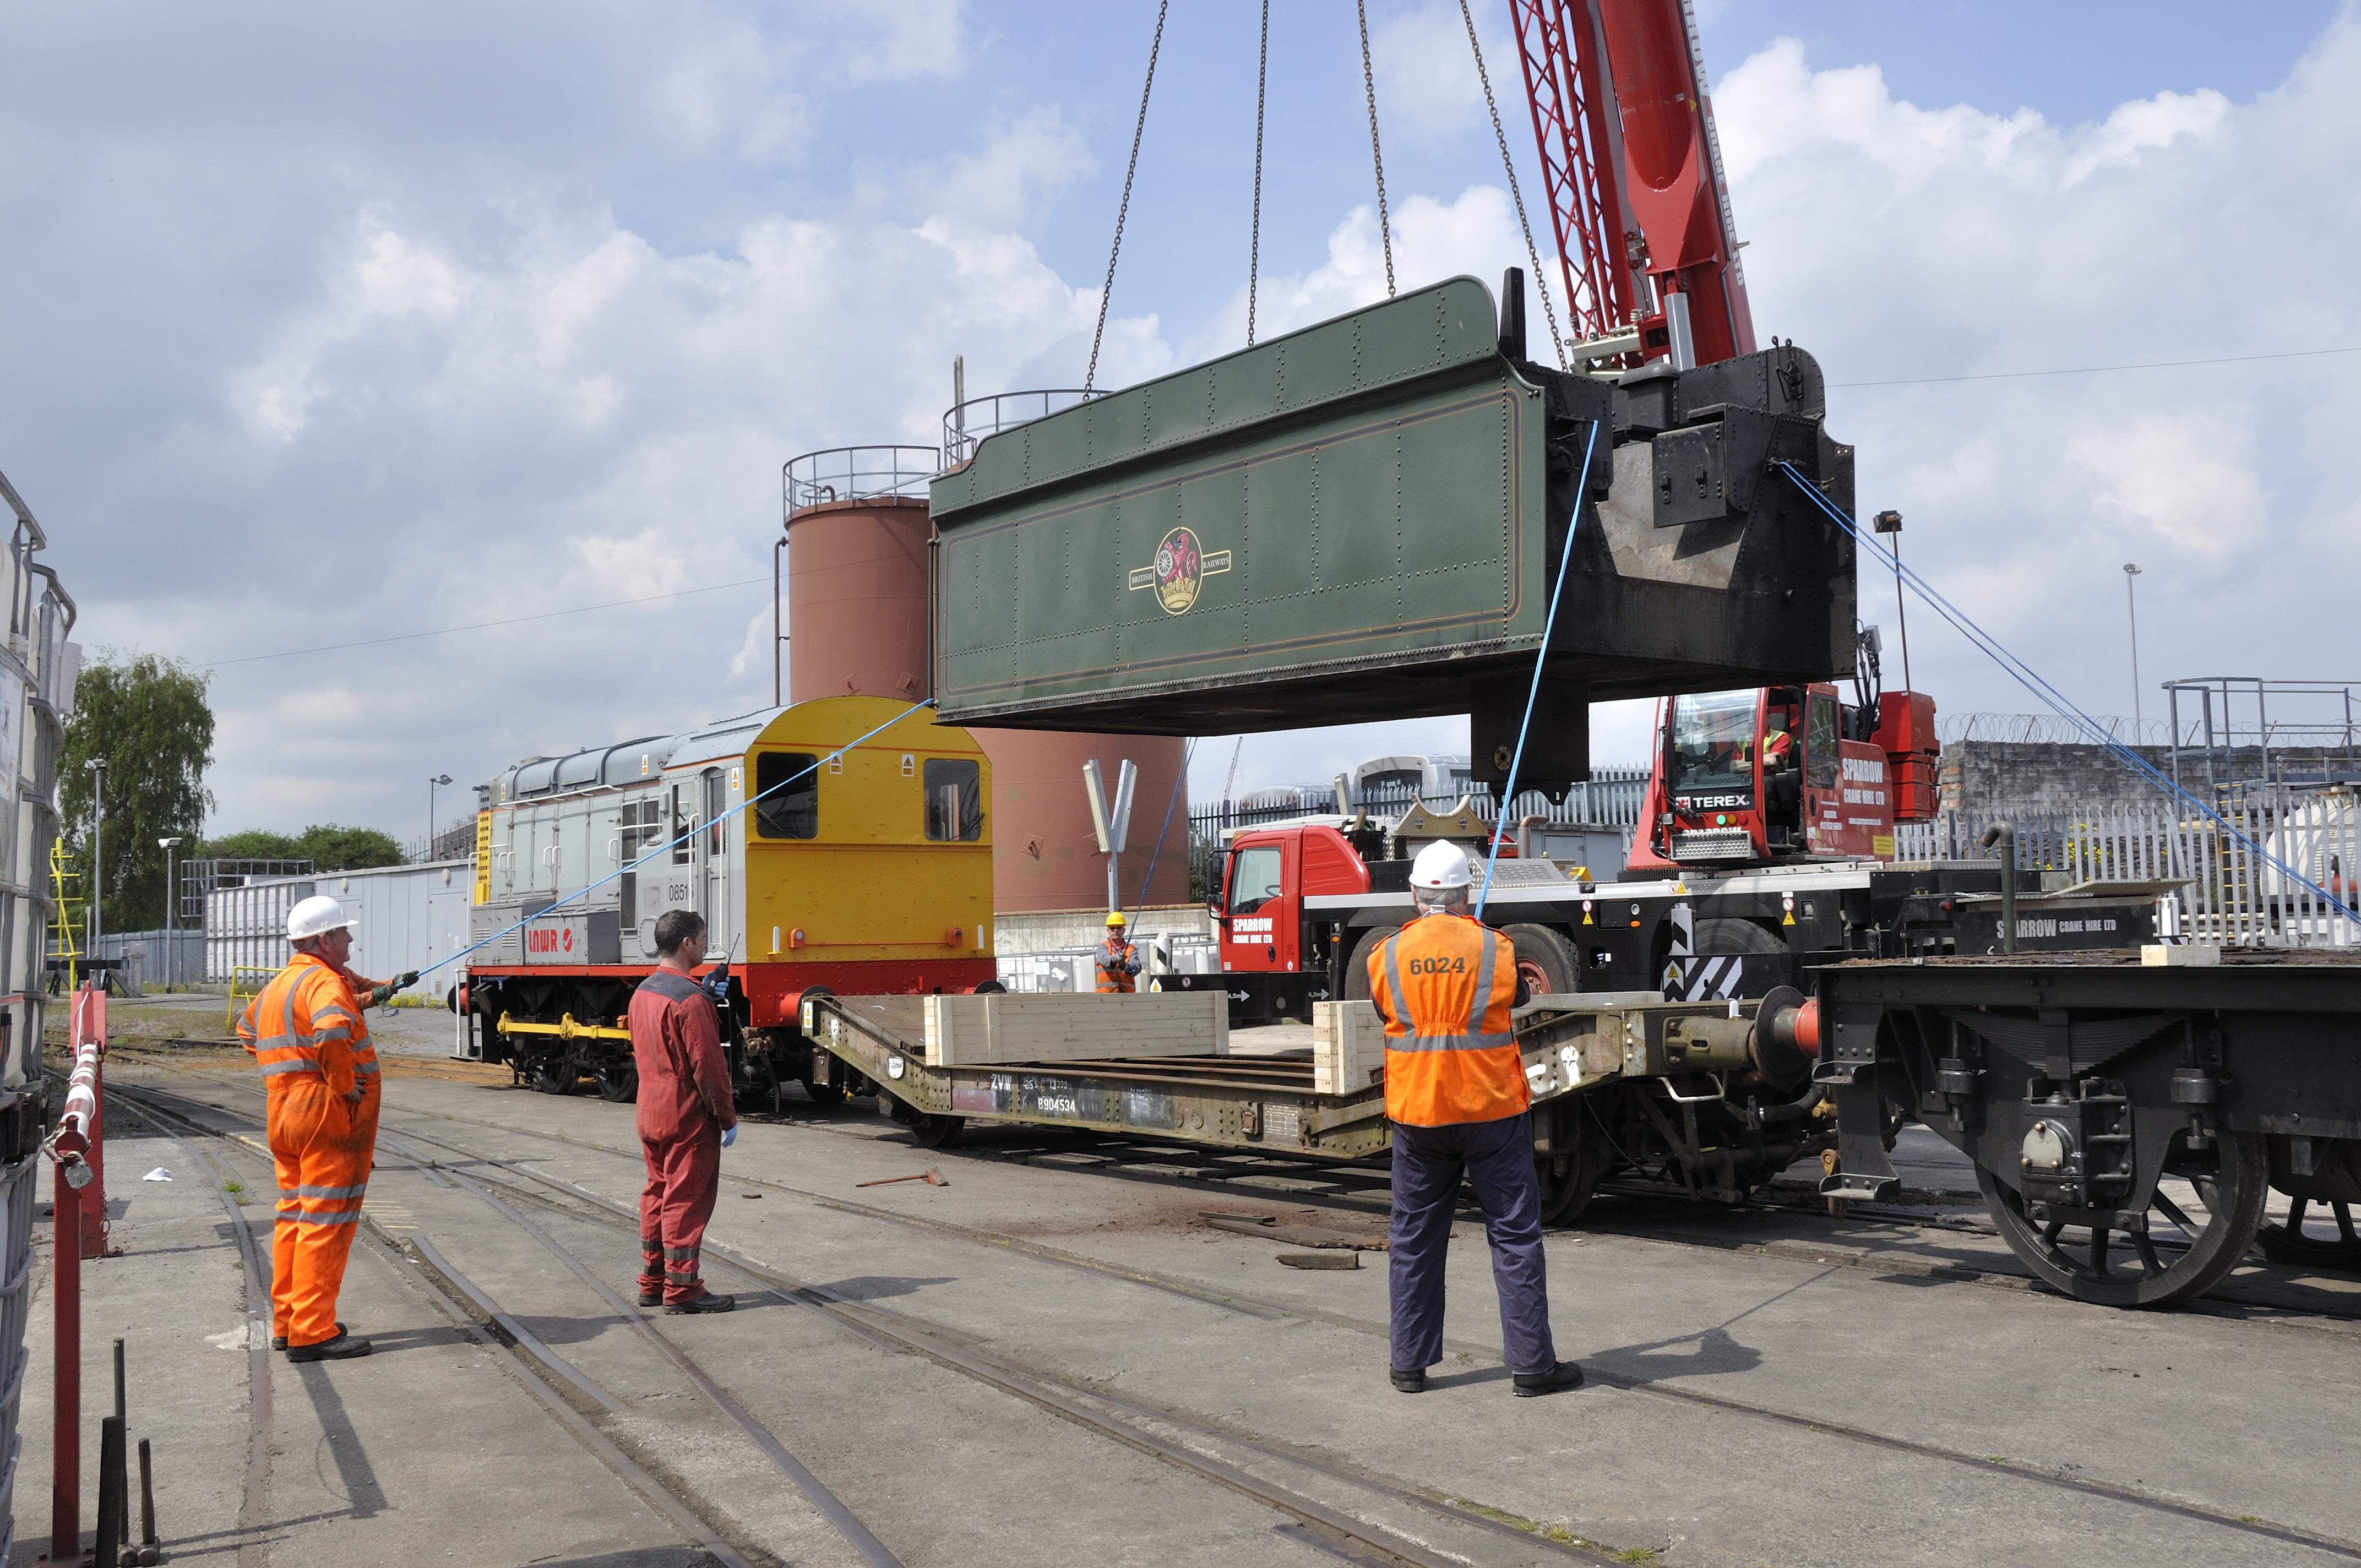 Lifting the tender tank of the frames at Bristol Barton Hill depot, 17 May 2013. © Martyn Bane